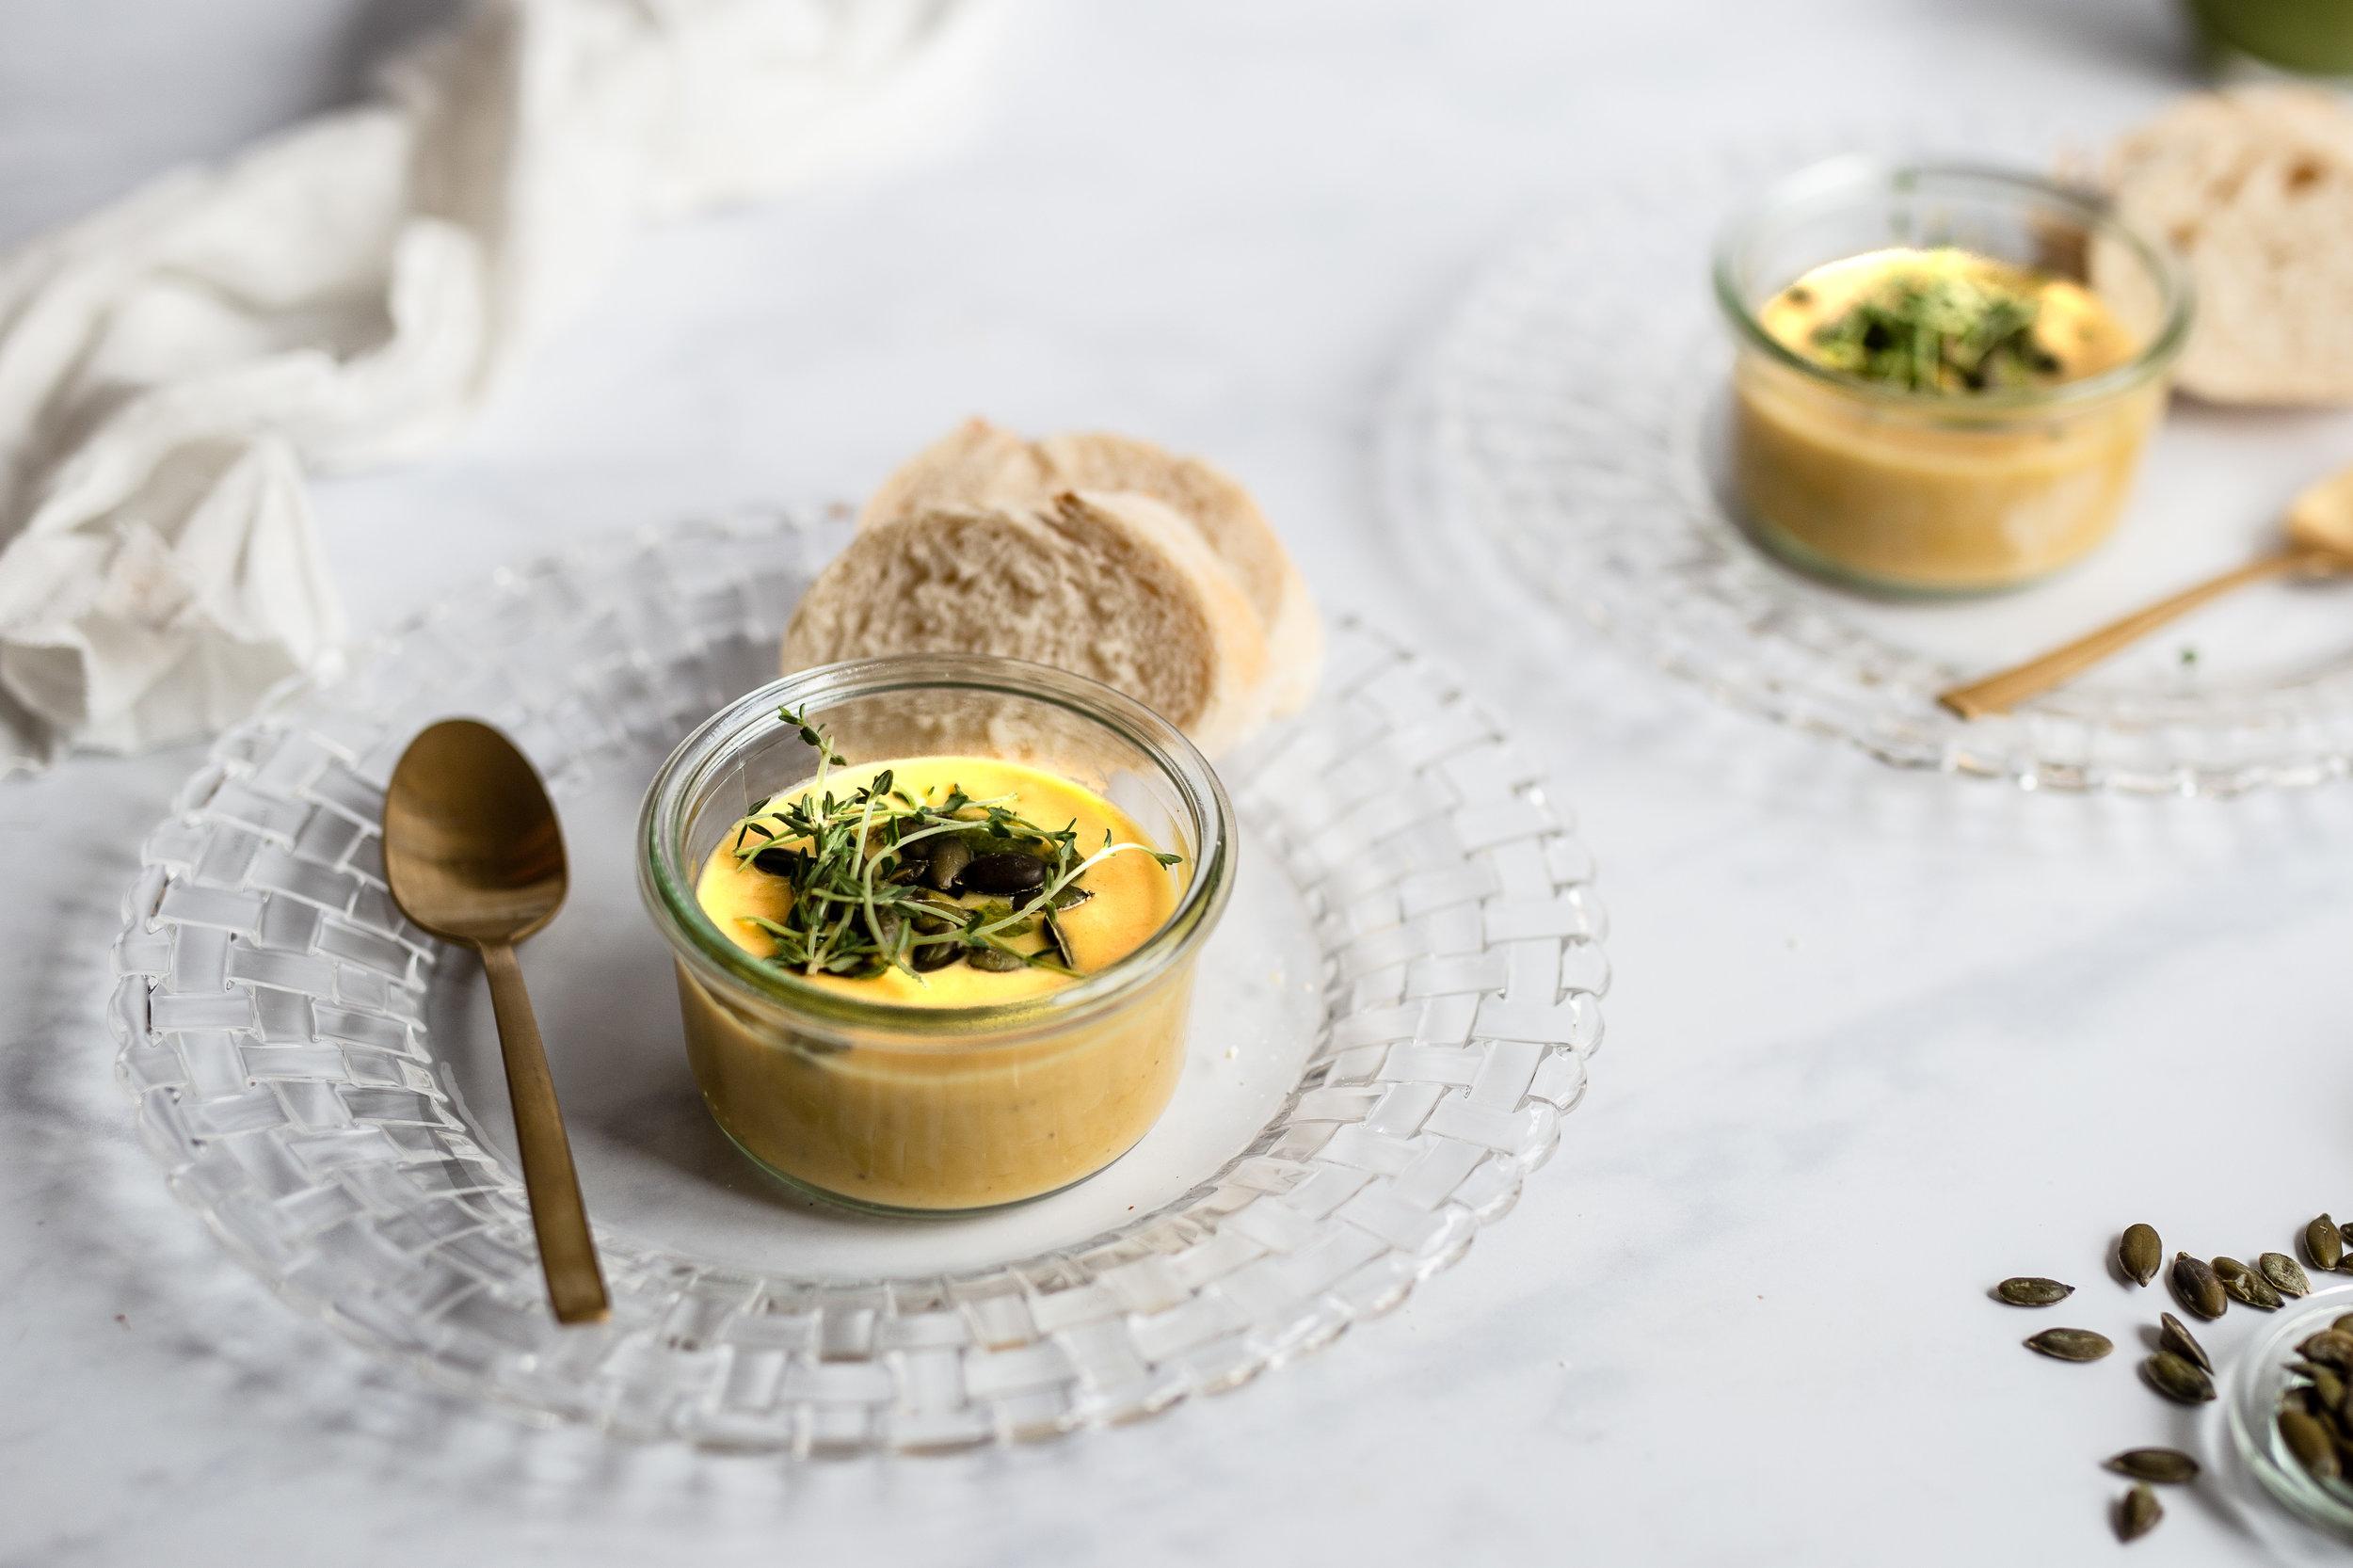 Brot und Oliven neu-0051.jpg